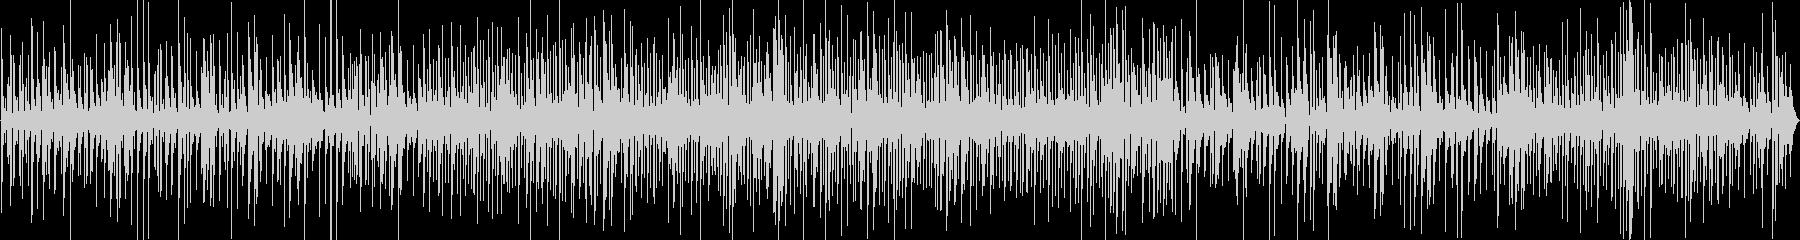 ジャズバーで流れるおしゃれなピアノトリオの未再生の波形